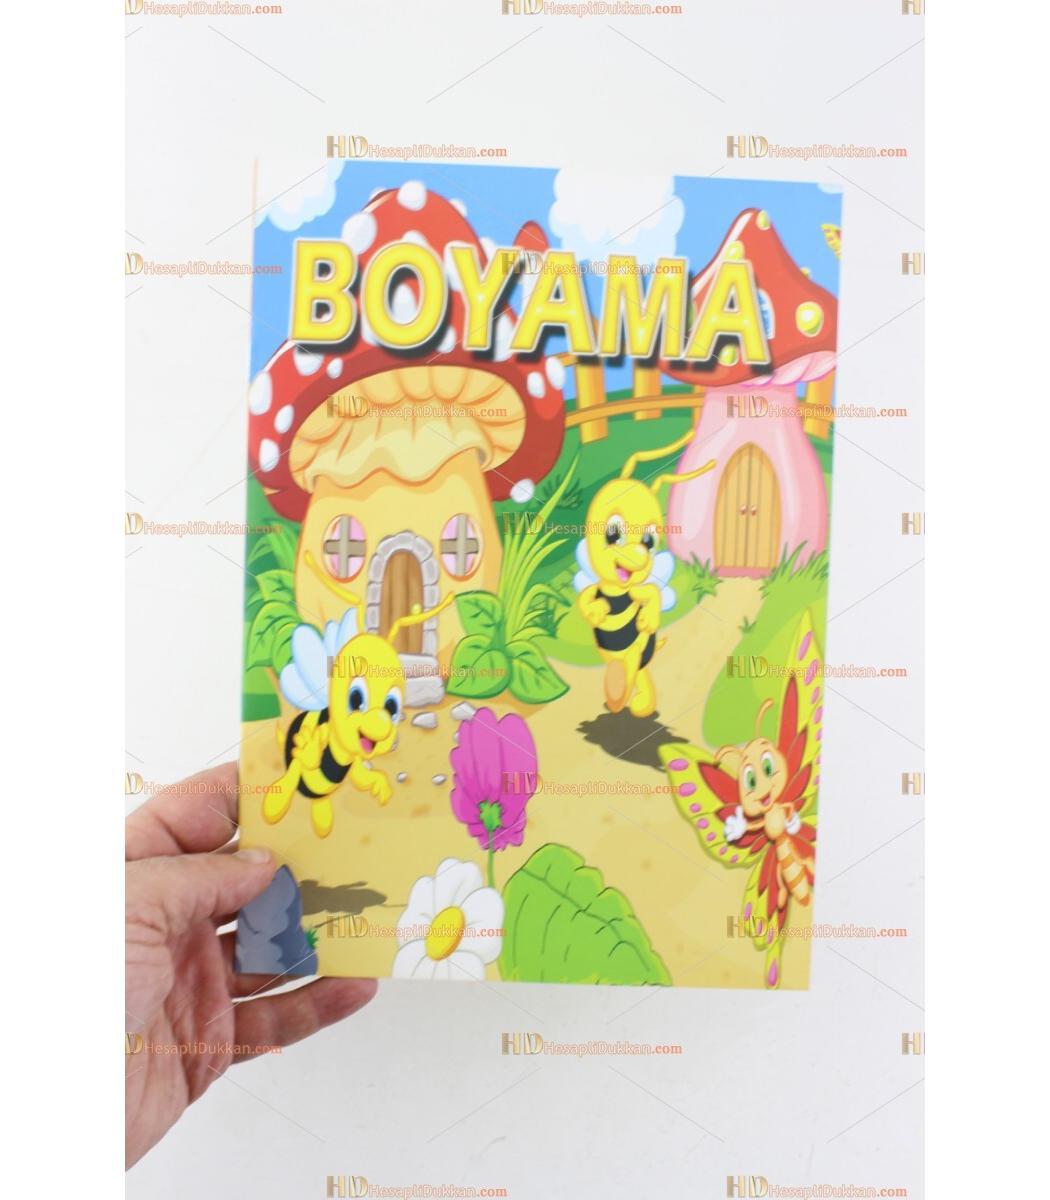 Toptan Promosyon Ucuz Boyama Kitabi 10 Sayfa